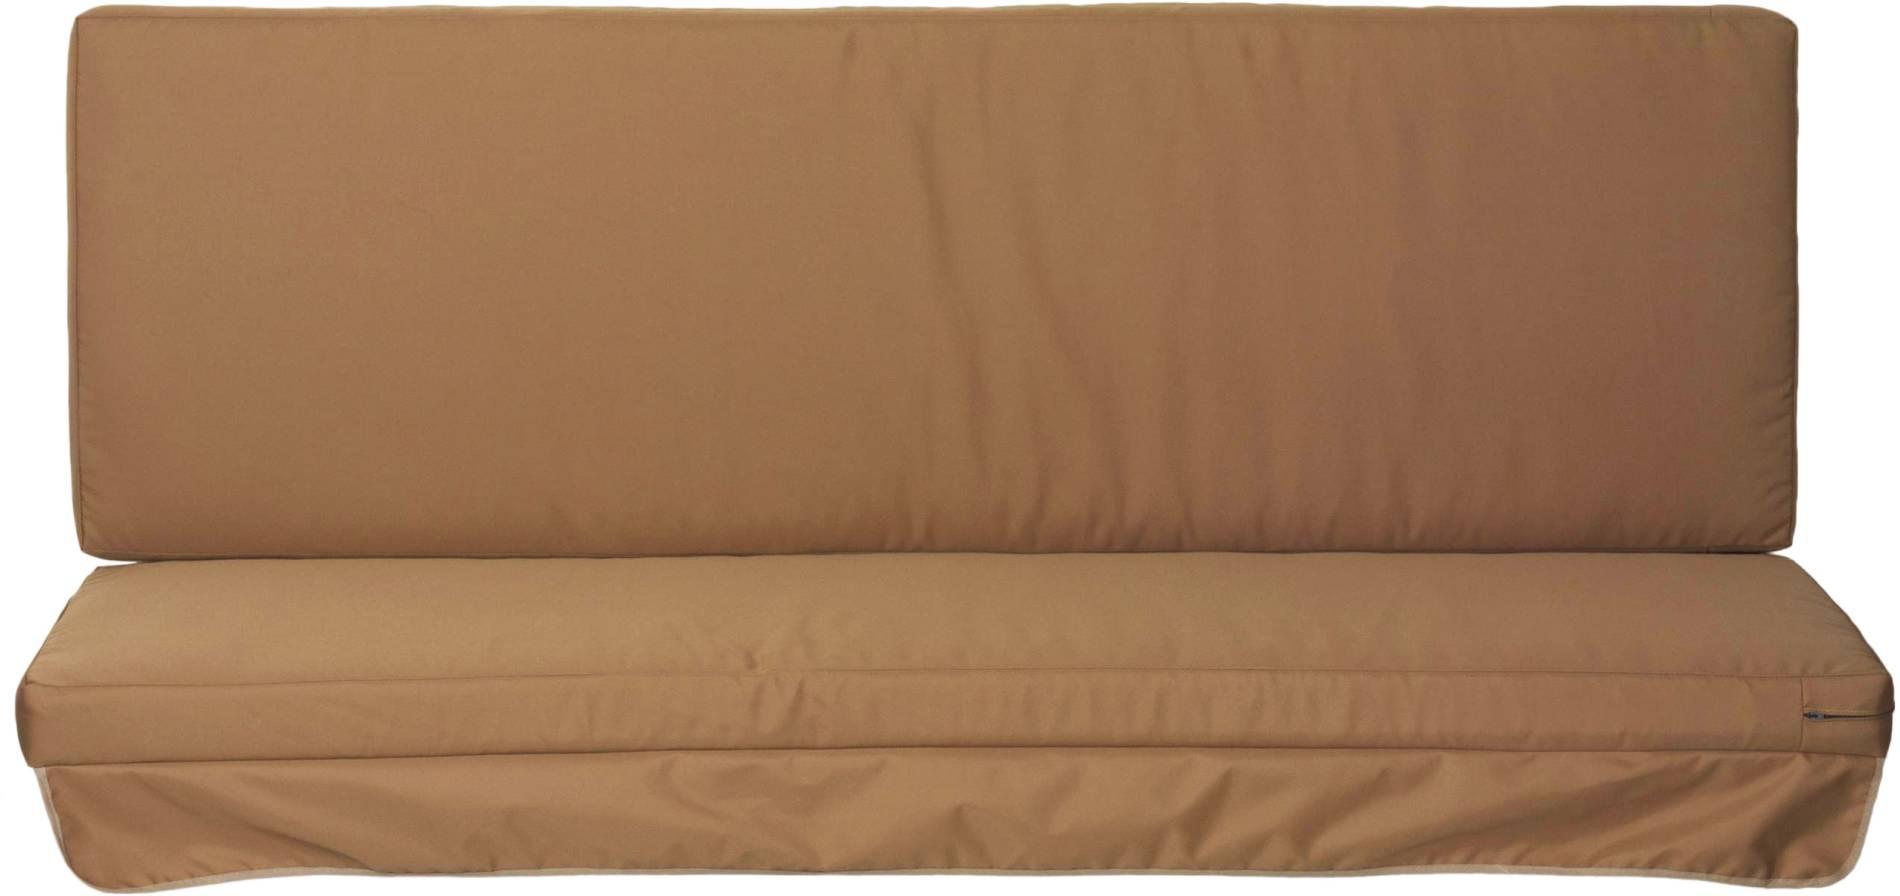 Premium Schaukelauflage Kissen mit Reissverschlüssen für Hollywoodschaukel wasserabweisend in sand 2-teilig